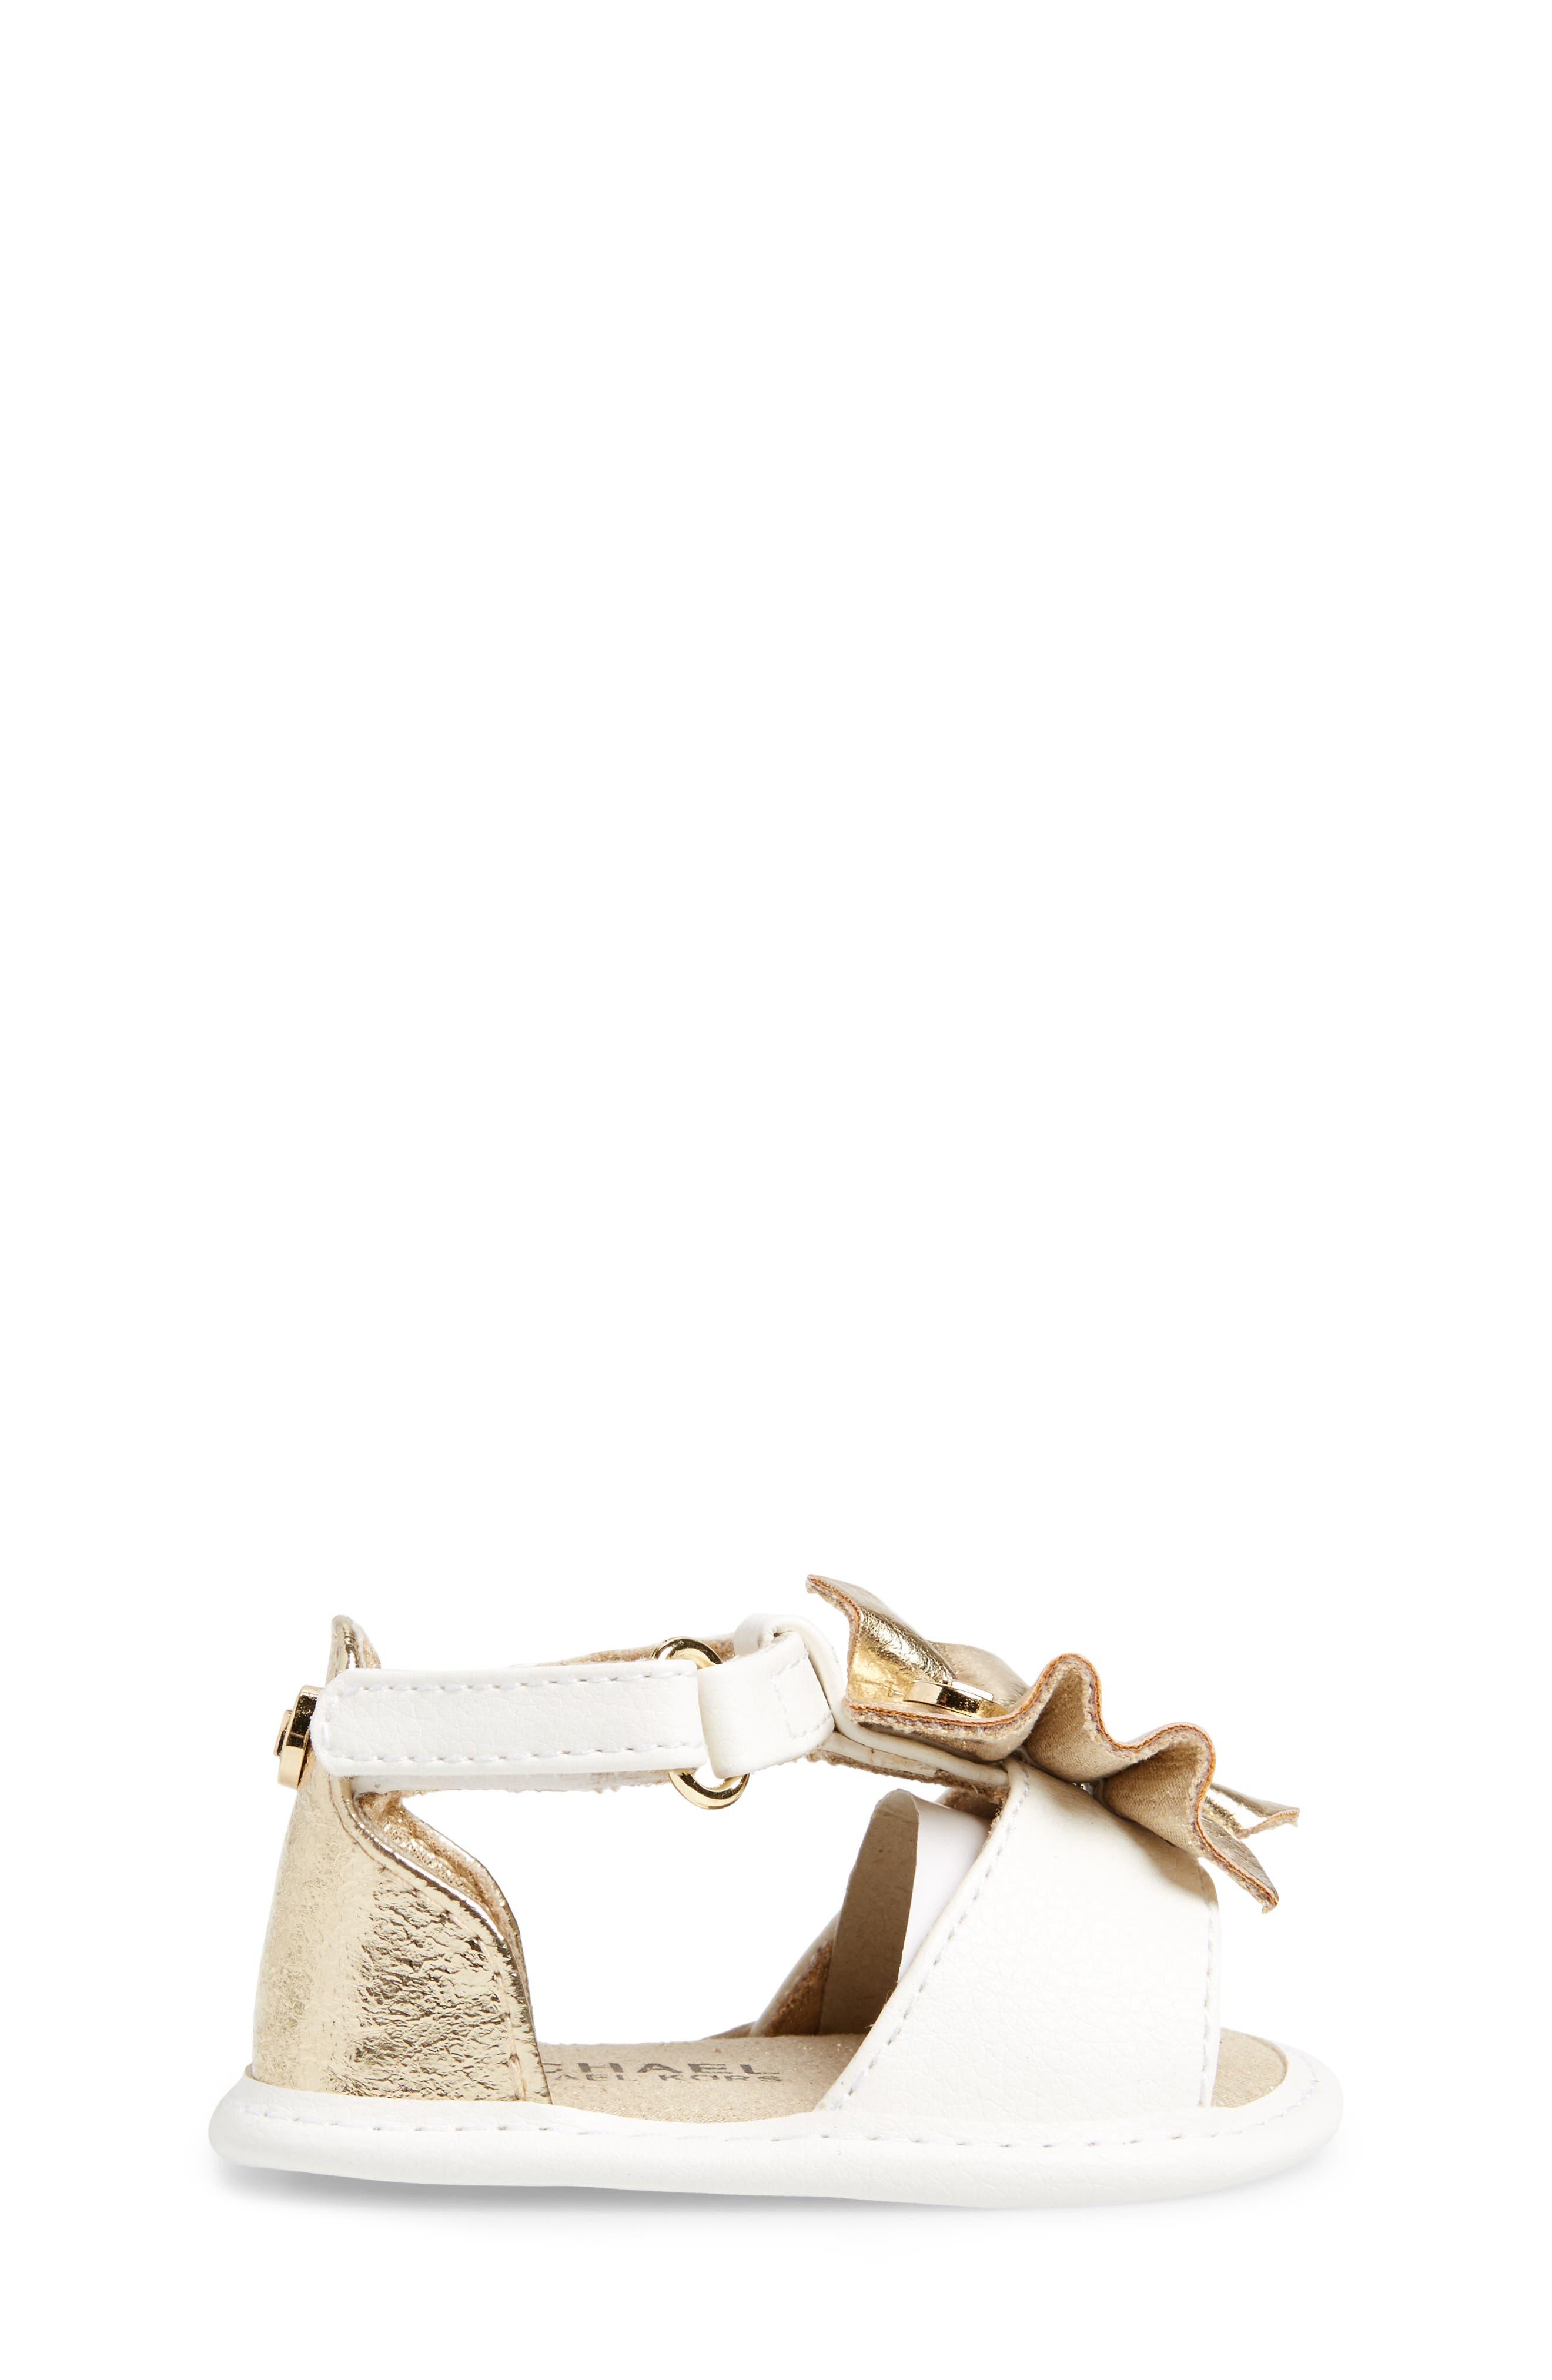 Clue Sandal,                             Alternate thumbnail 3, color,                             White Gold